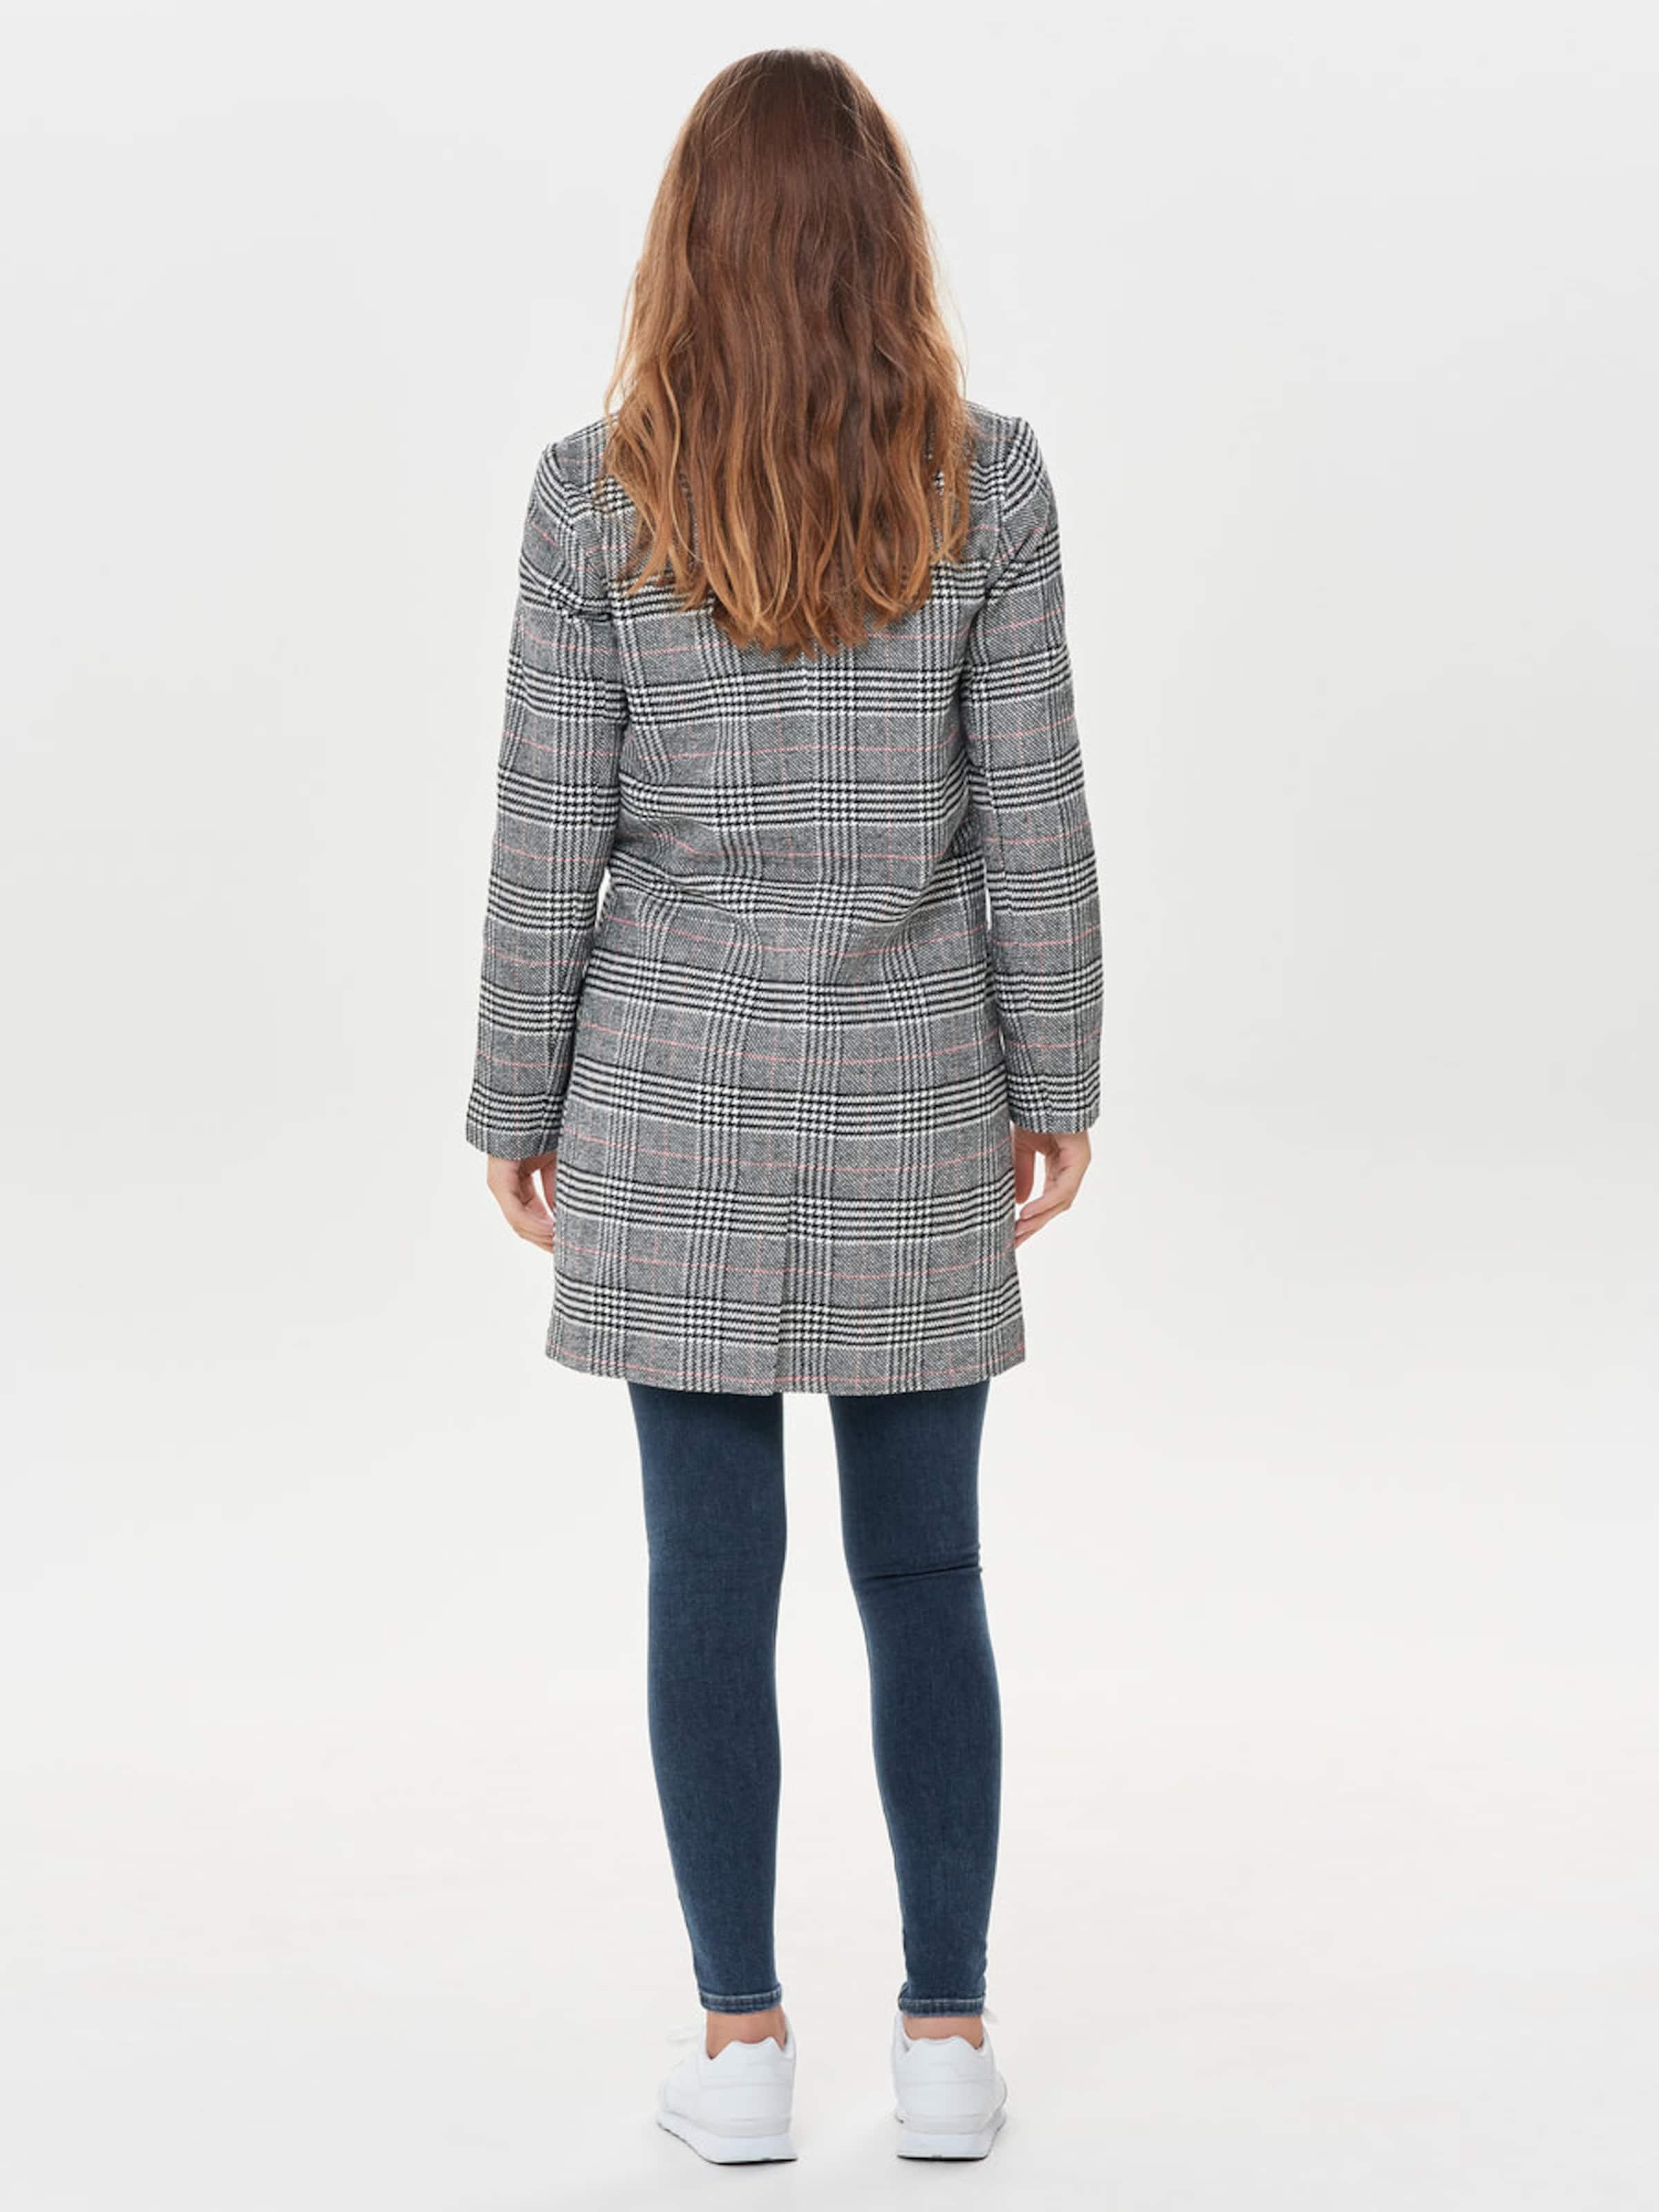 De saison Jacqueline Yong Blanc 'emma' En CorailNoir Manteau Mi 45Lc3qSRAj